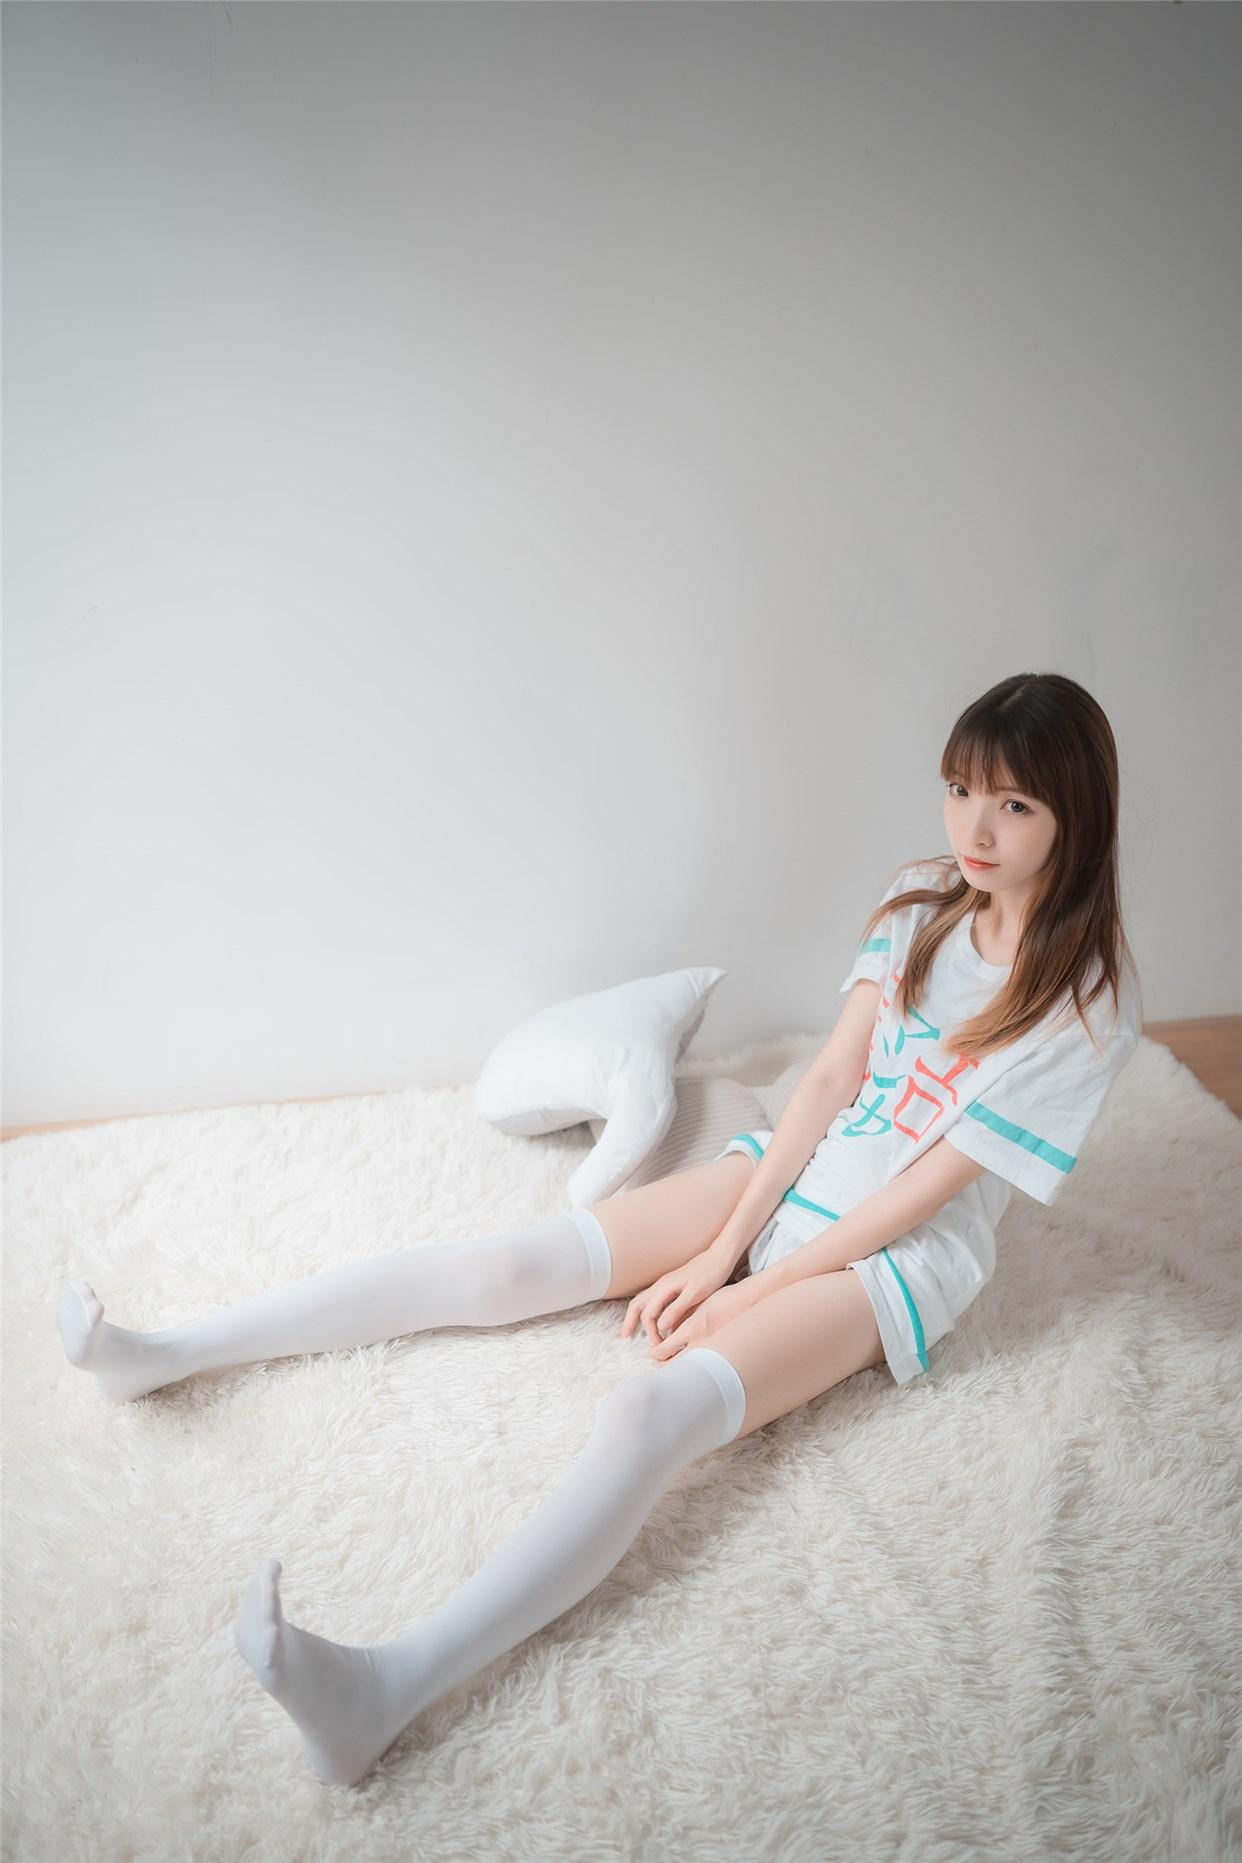 【兔玩映画】我女朋友不可能这么可爱! 兔玩映画 第19张